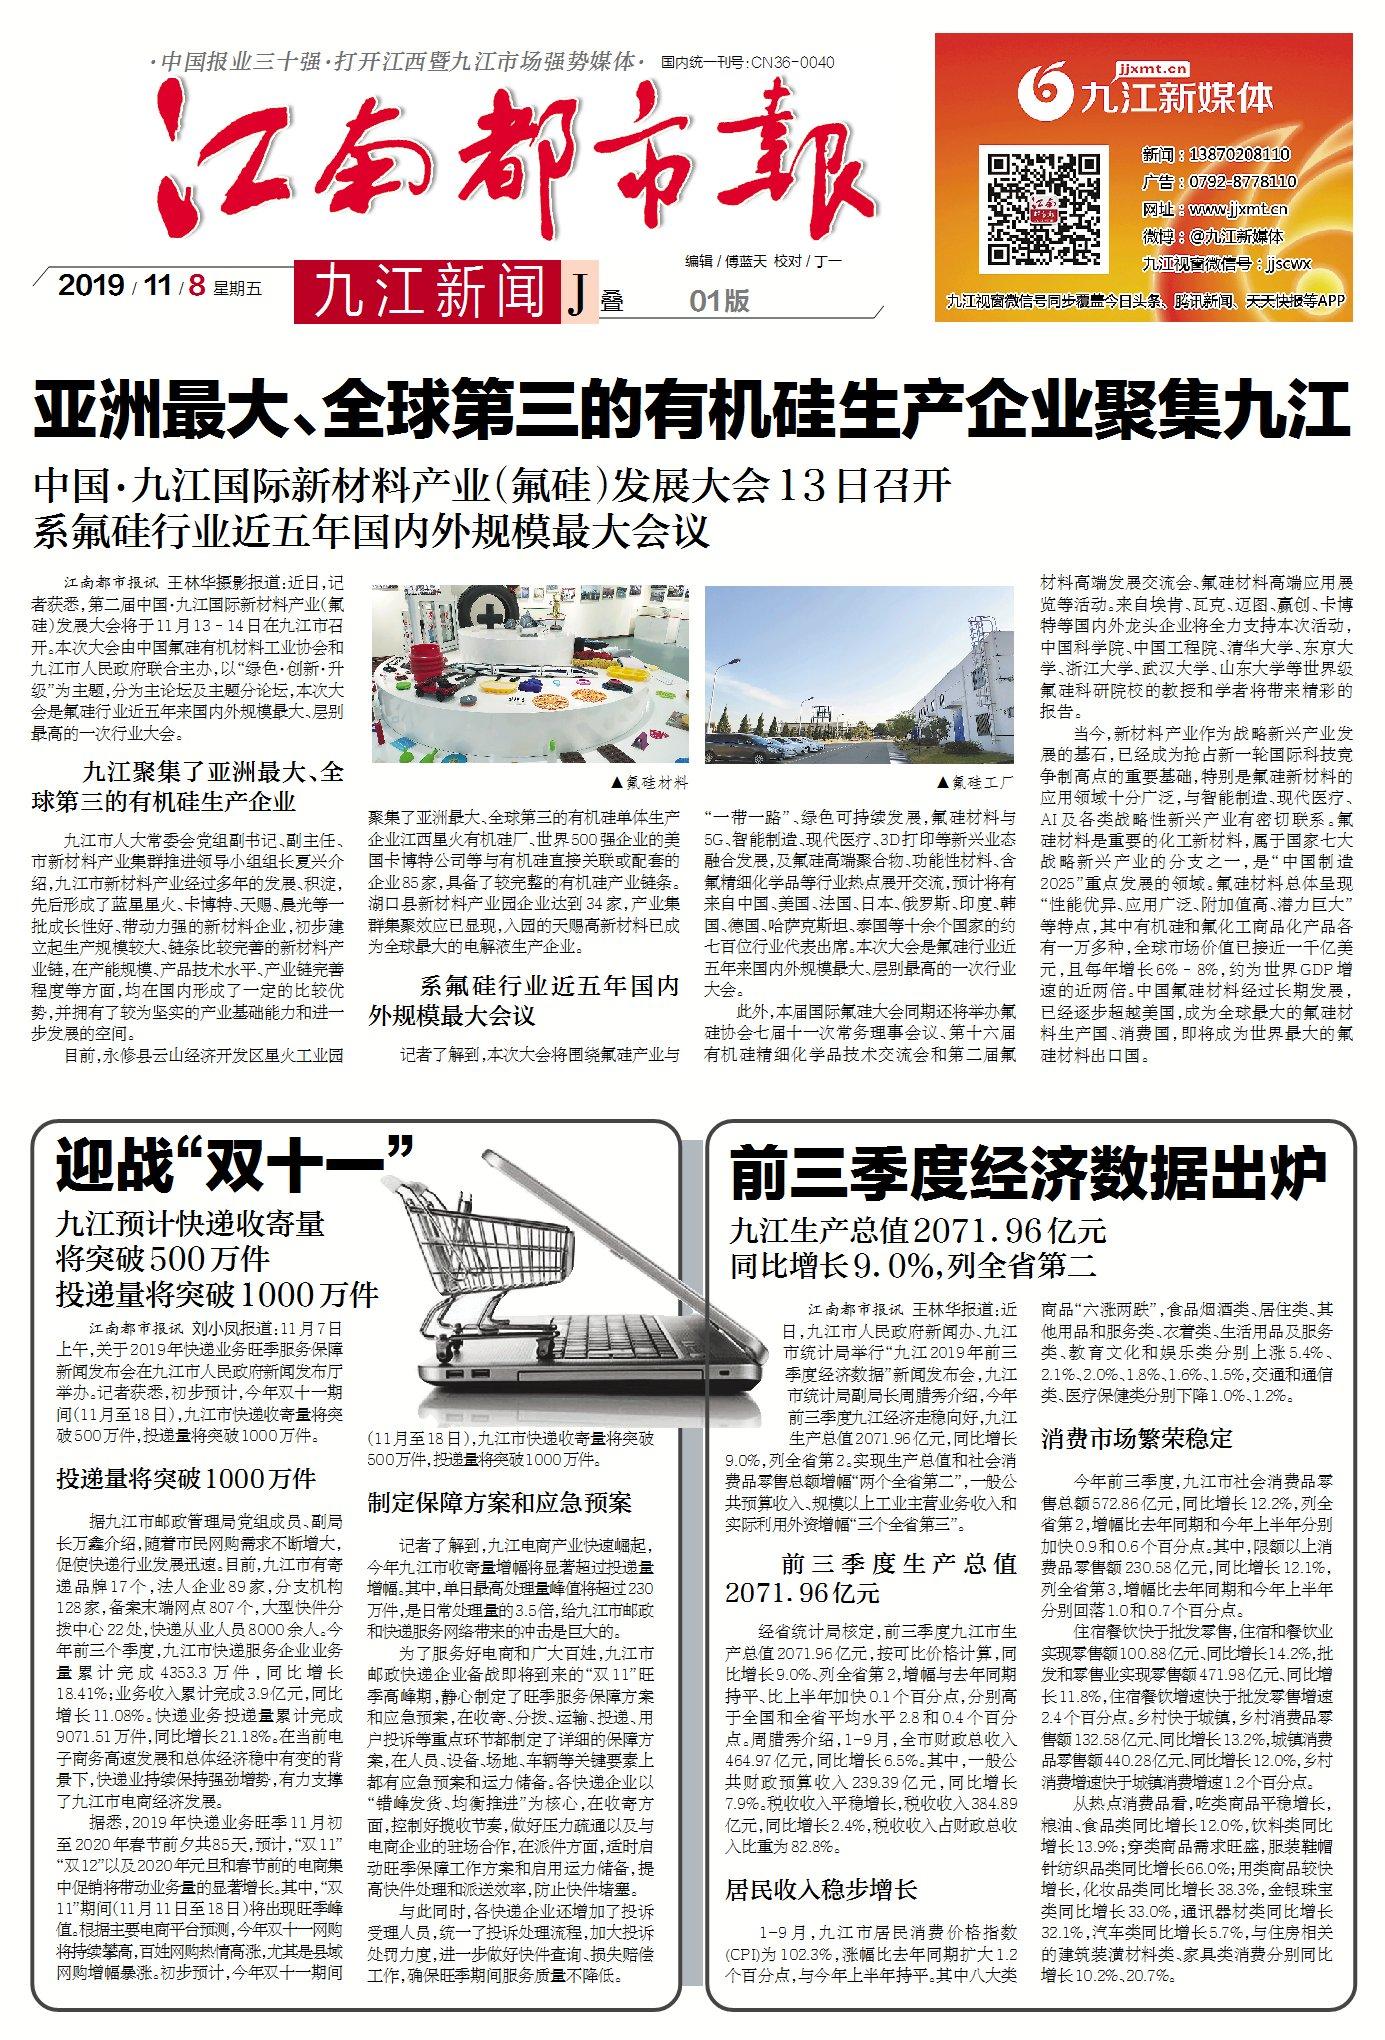 2019年11月8日江南都市报《亚博体育app苹果新闻》1版